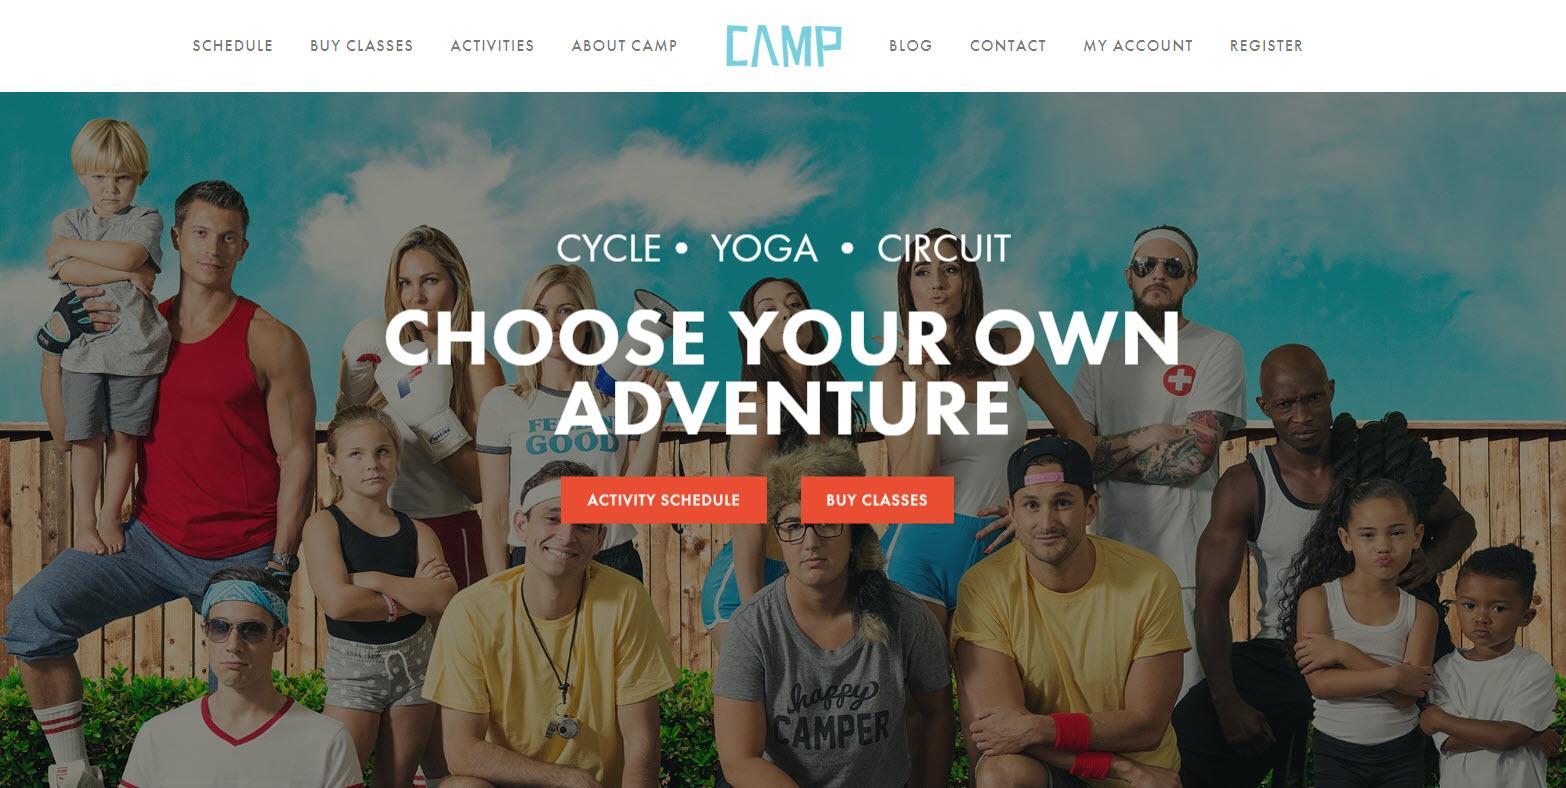 camptampa.com